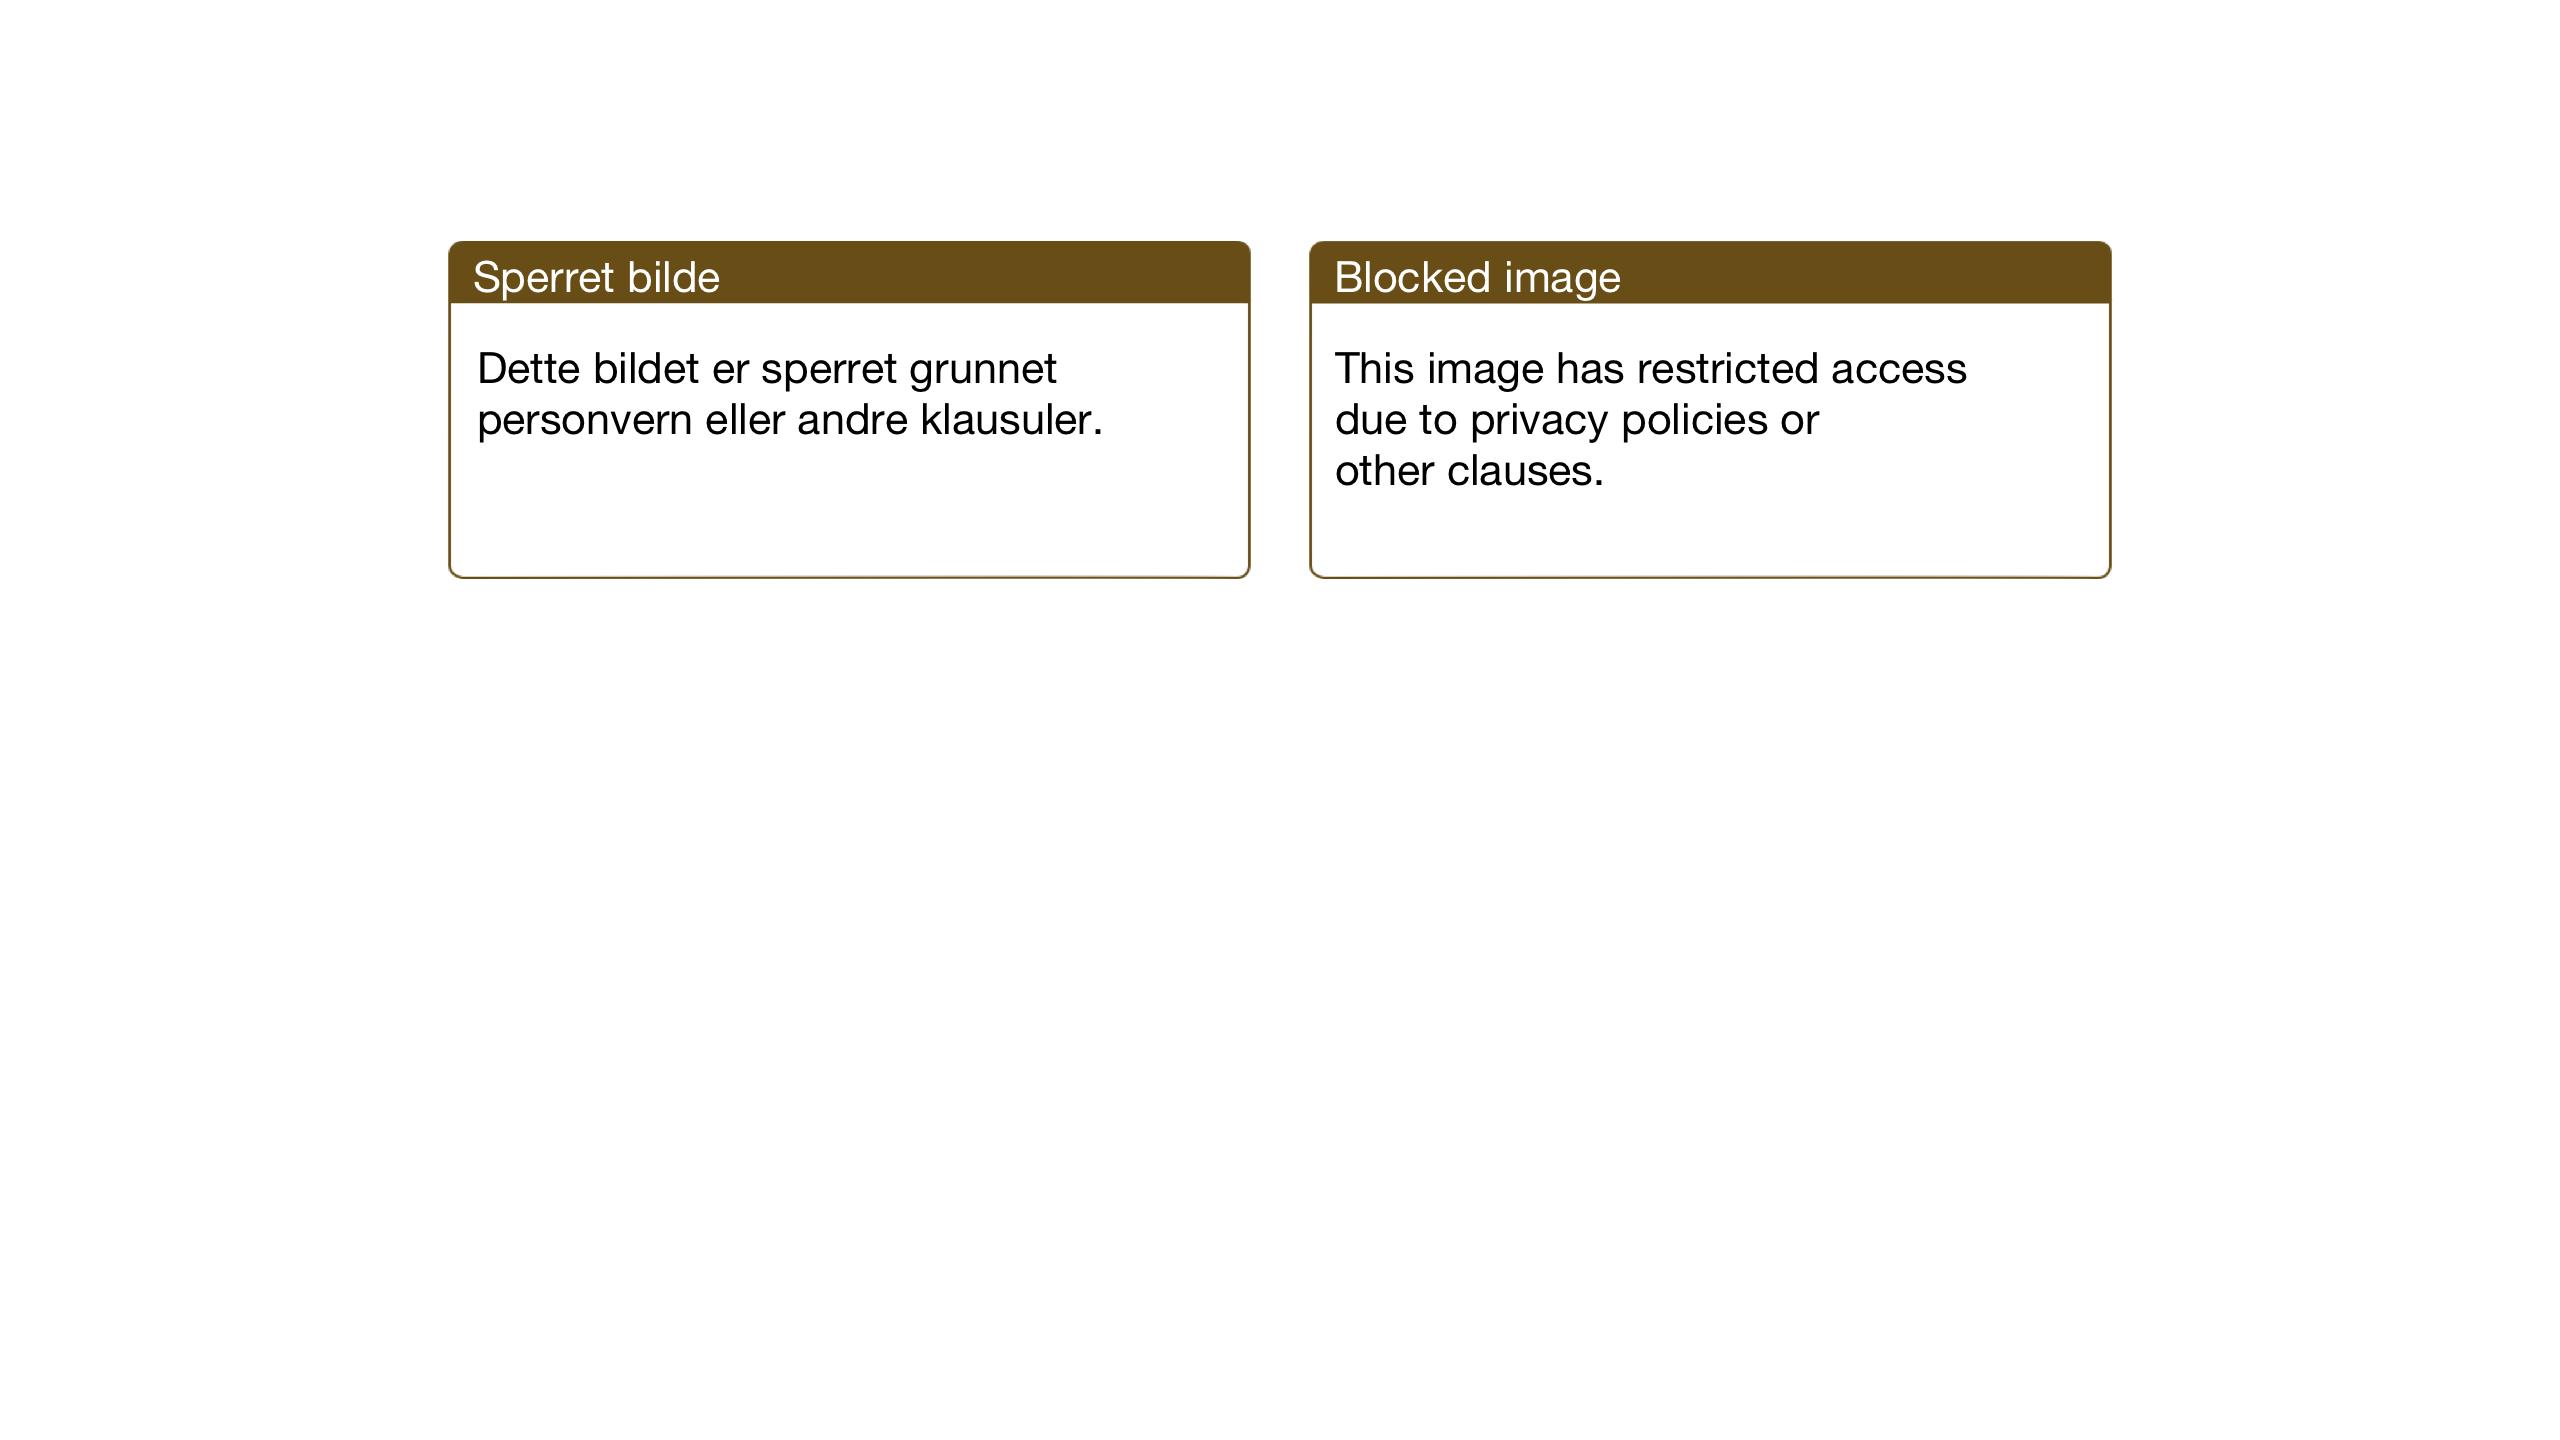 SAT, Ministerialprotokoller, klokkerbøker og fødselsregistre - Sør-Trøndelag, 698/L1169: Klokkerbok nr. 698C06, 1930-1949, s. 45